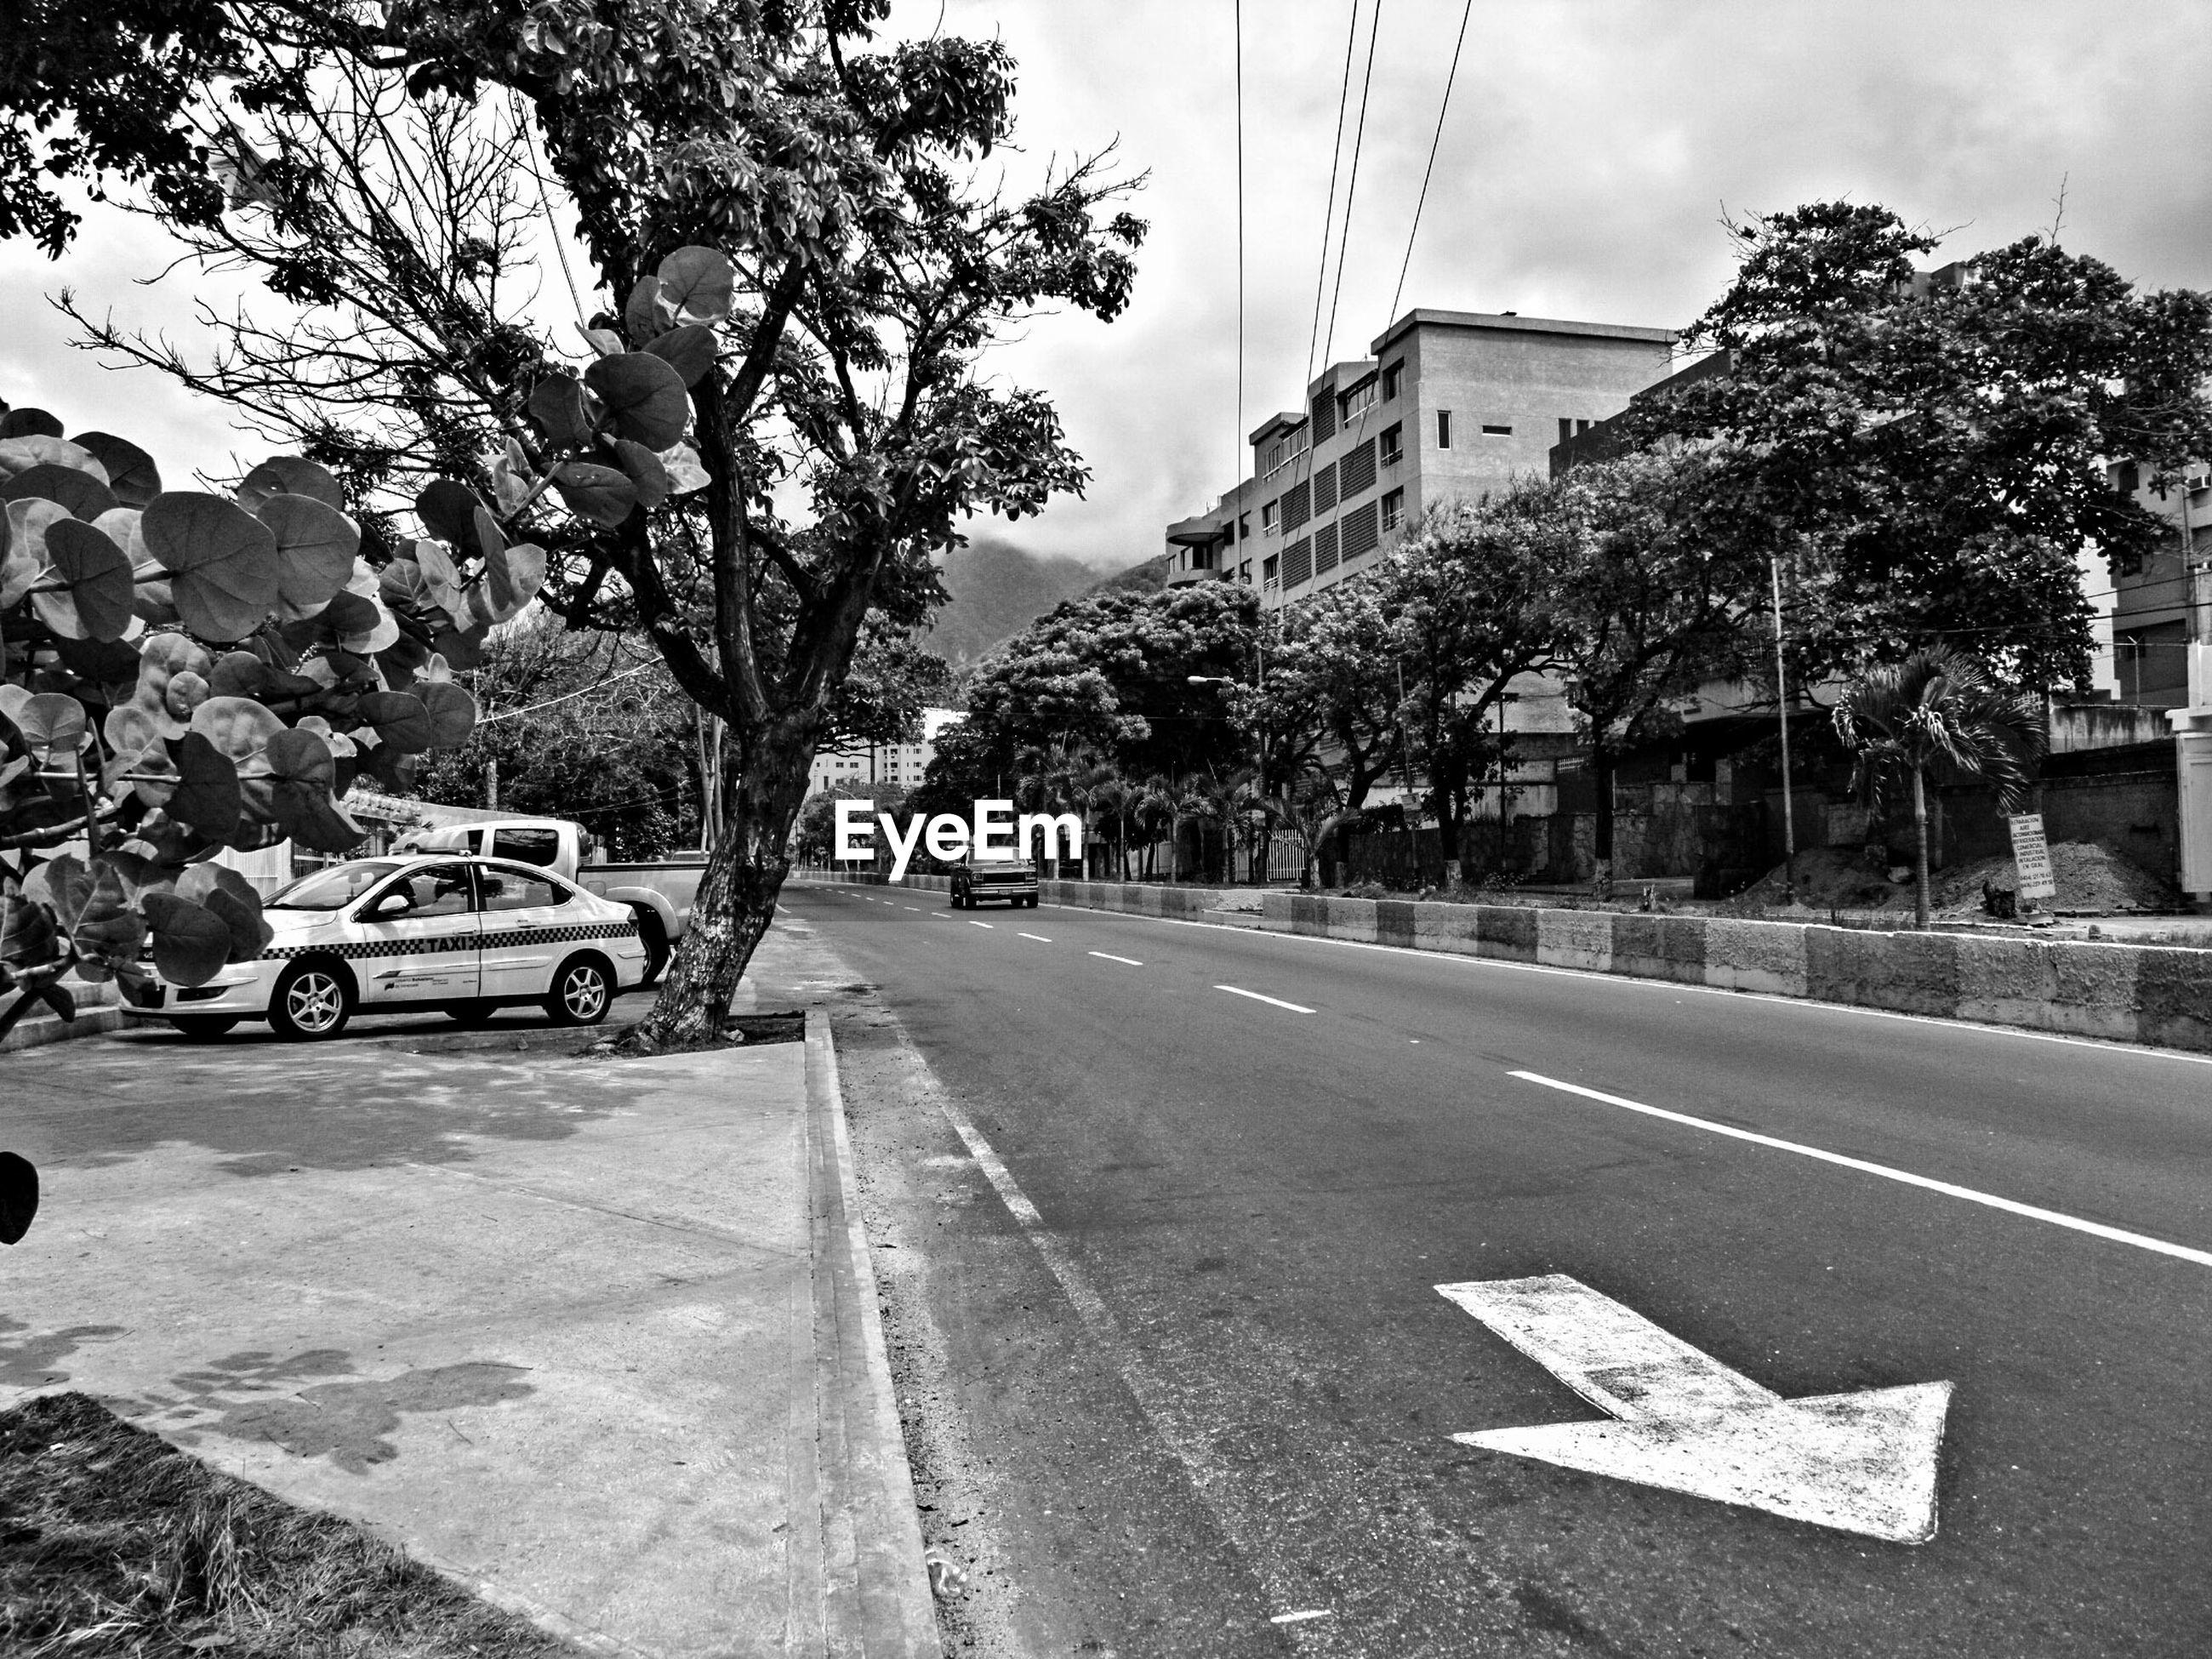 Arrow symbol on street amidst trees